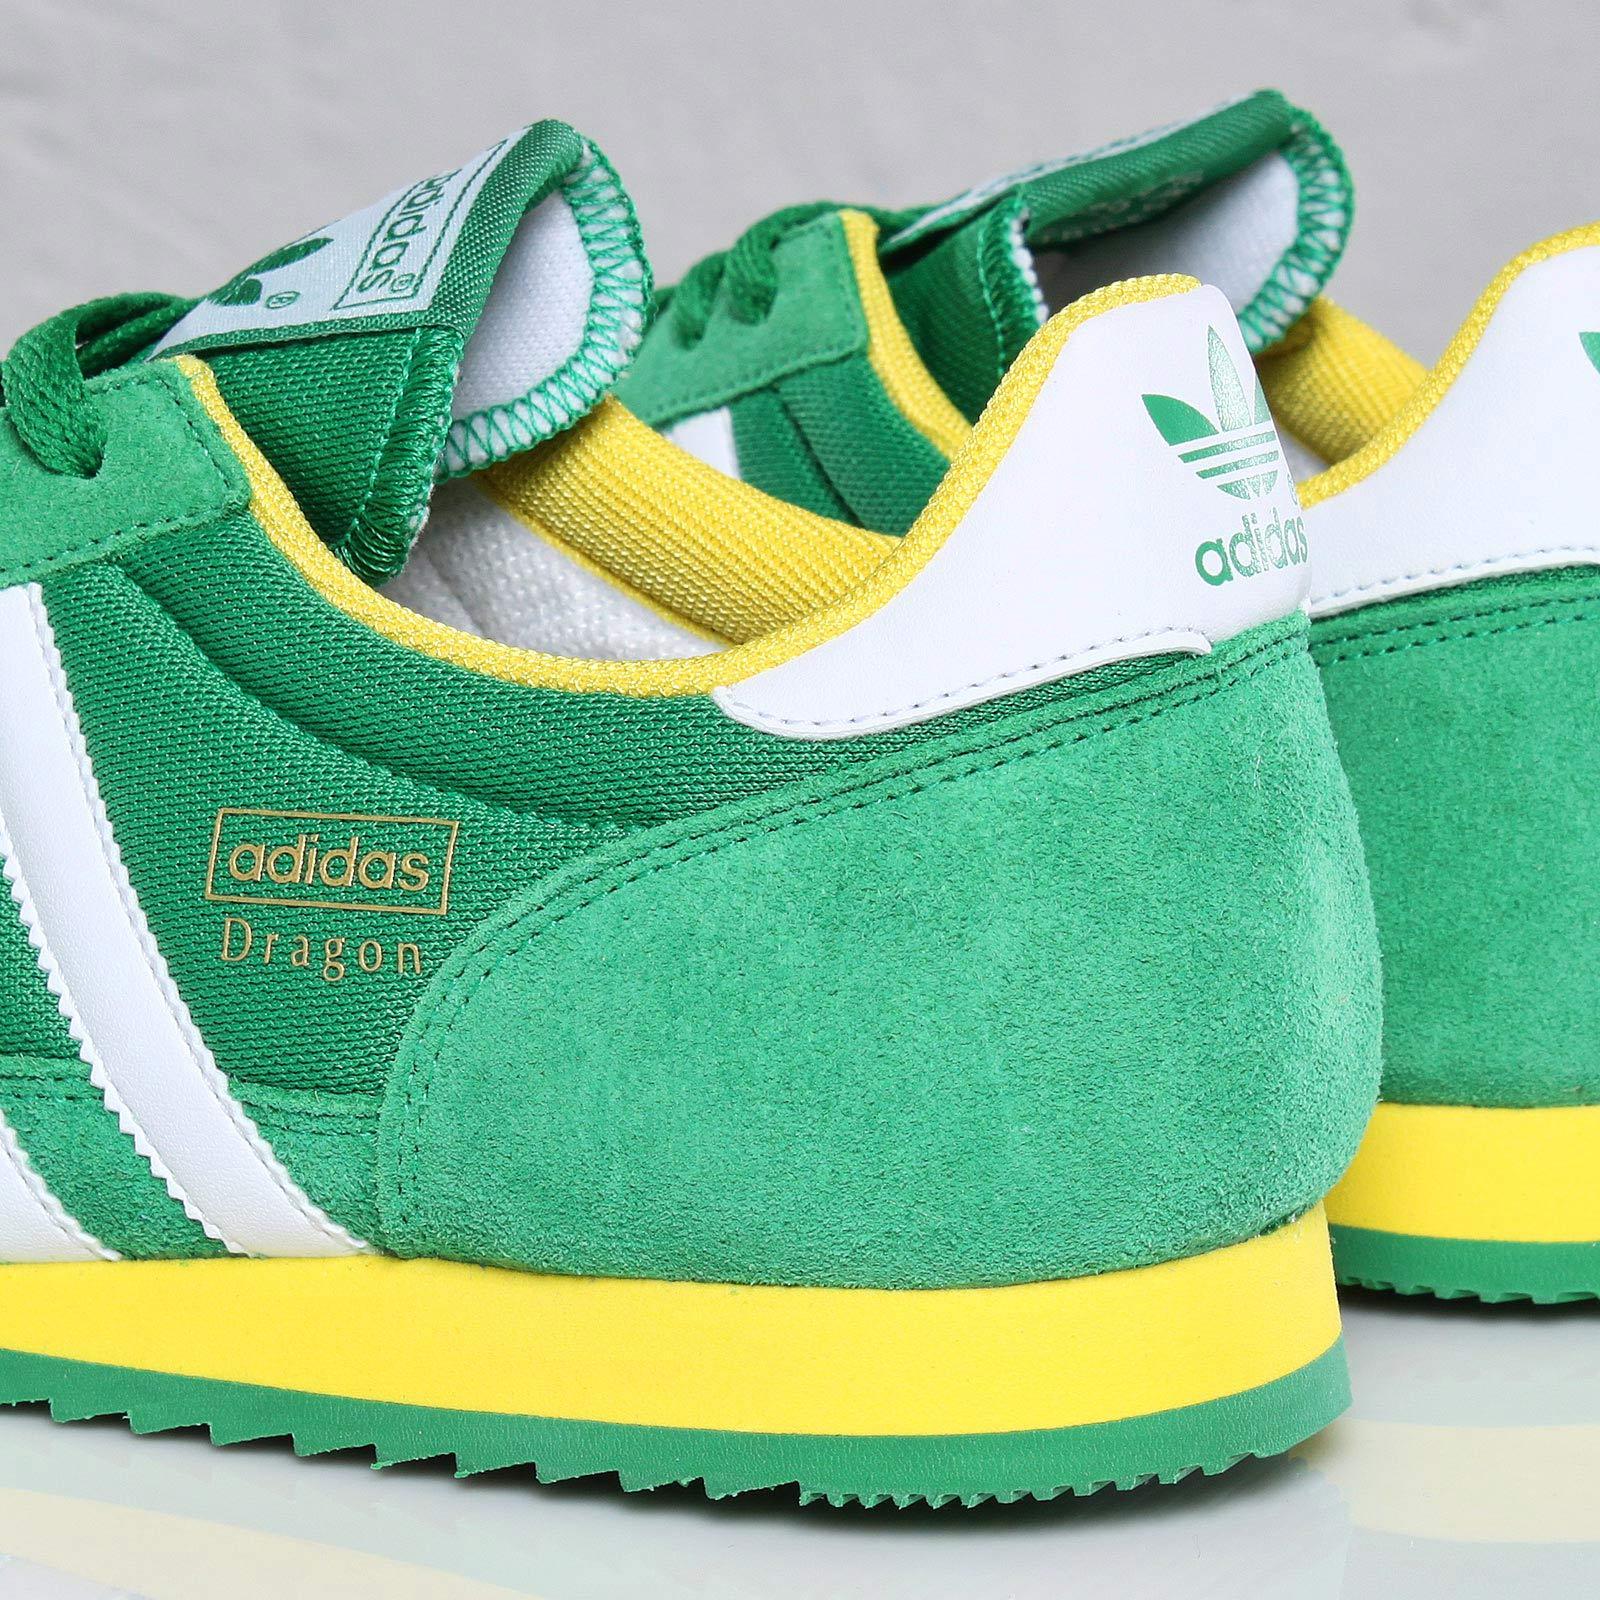 adidas Dragon - 100240 - SNS | sneakers & streetwear online since 1999